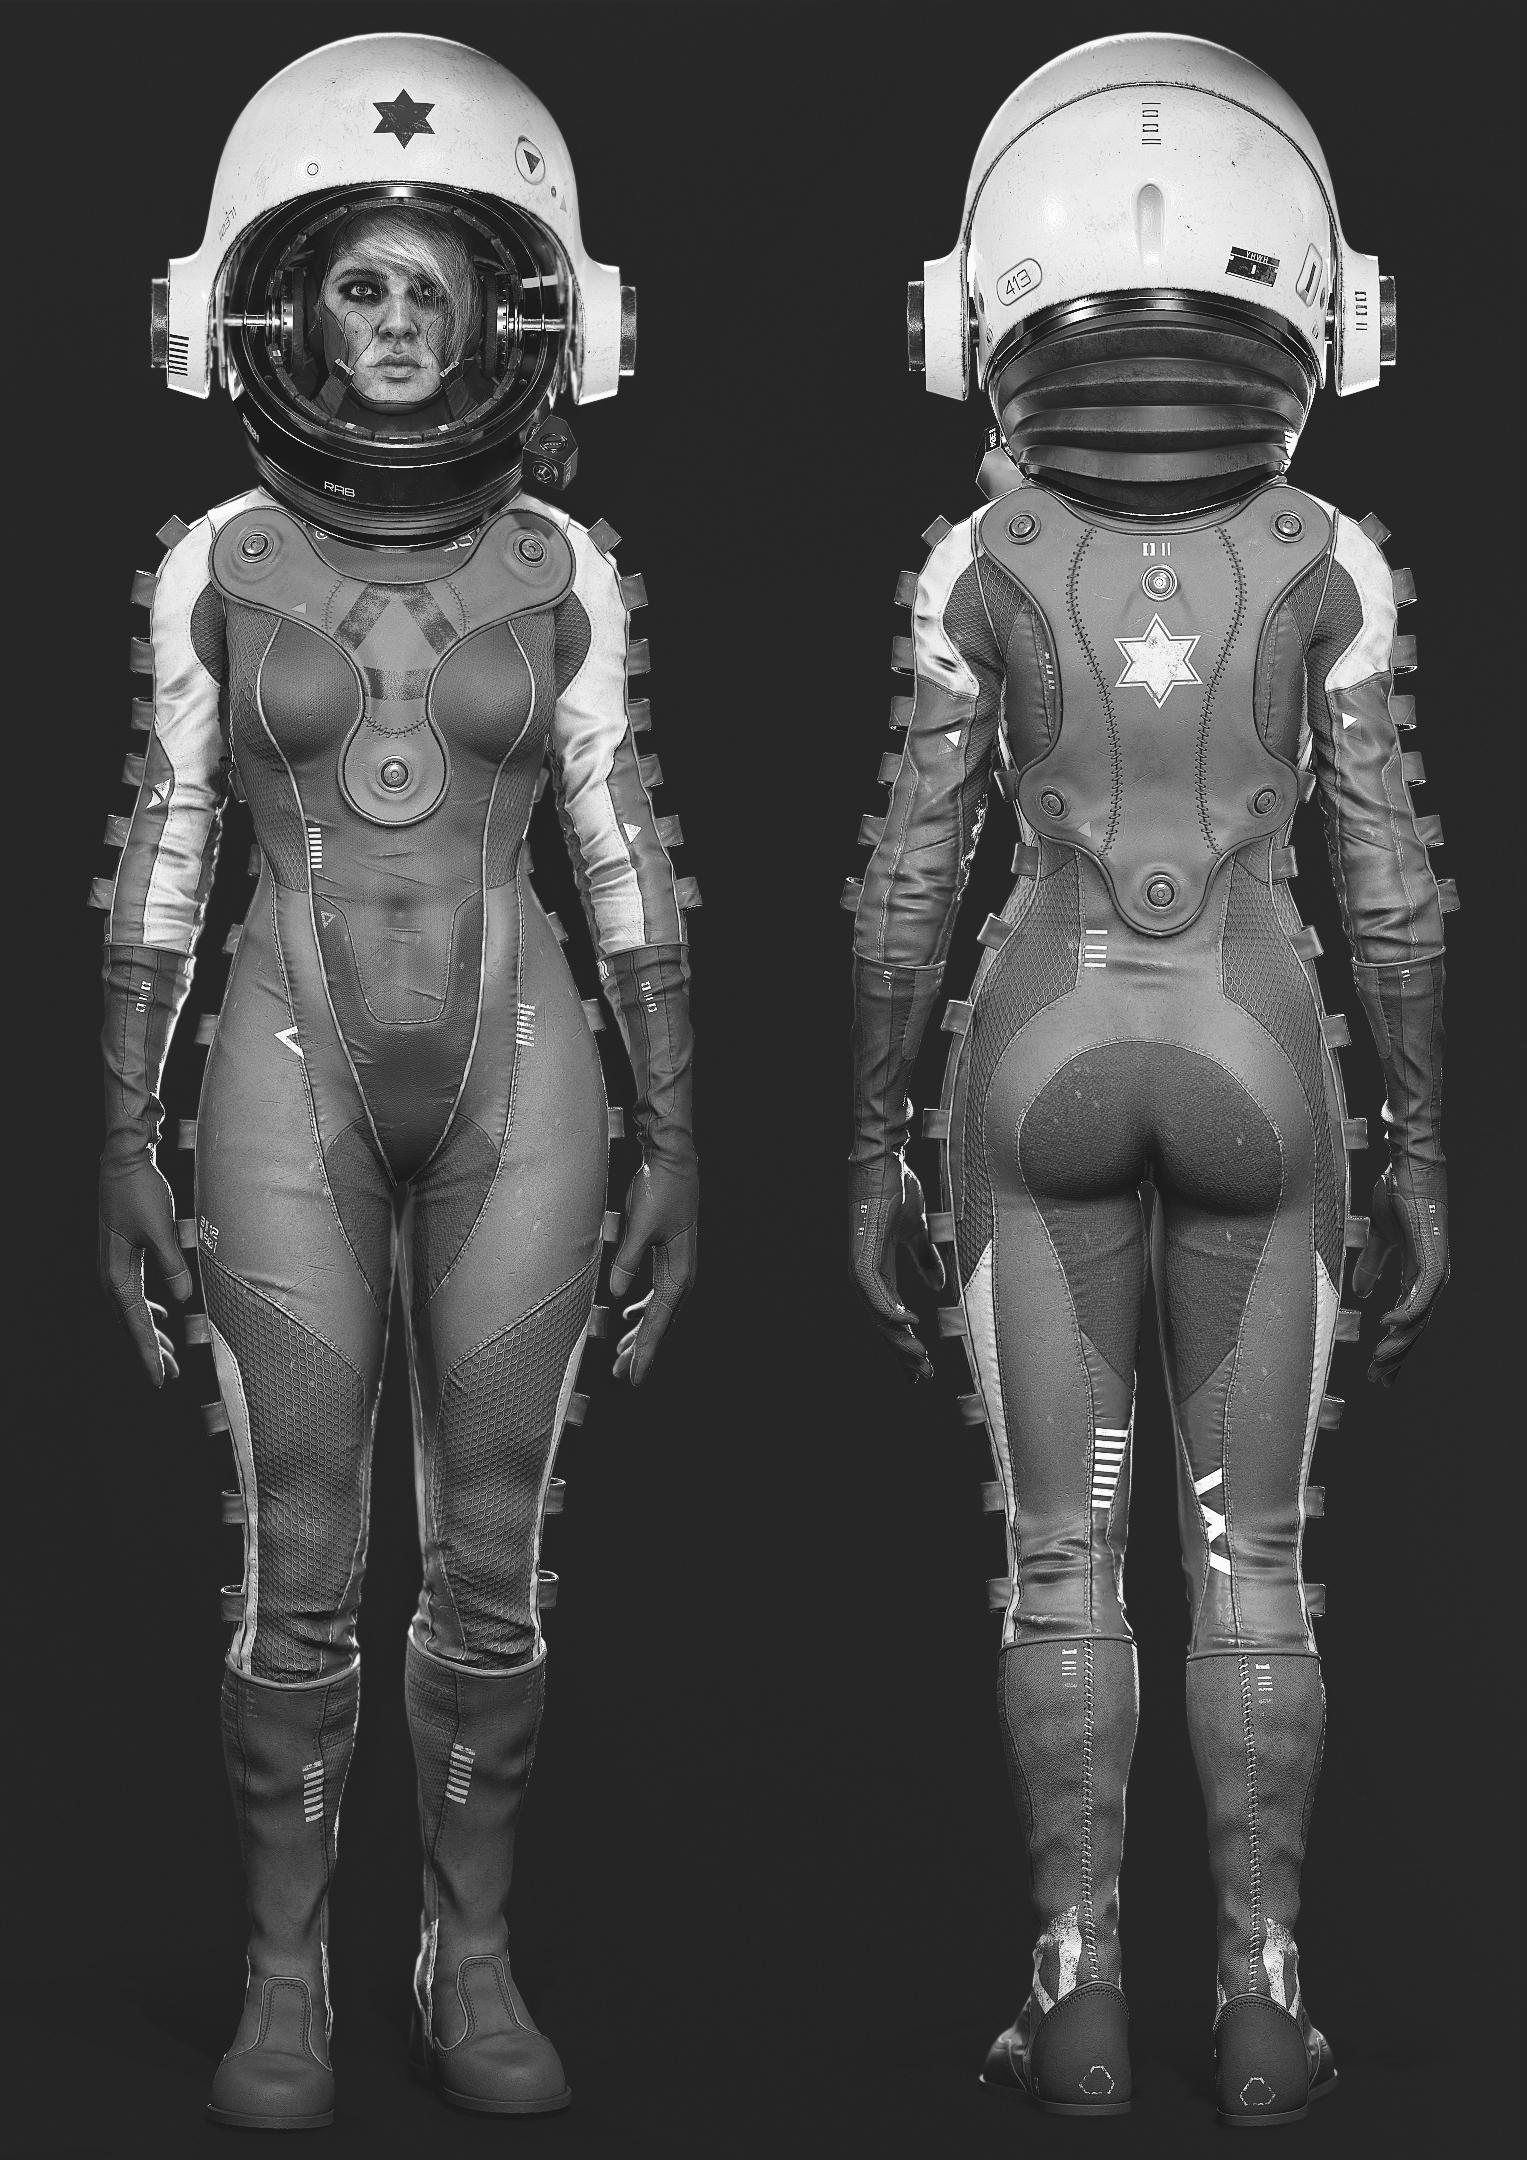 Ryan_Blake_Cosmonaut_front-back_BW.jpg